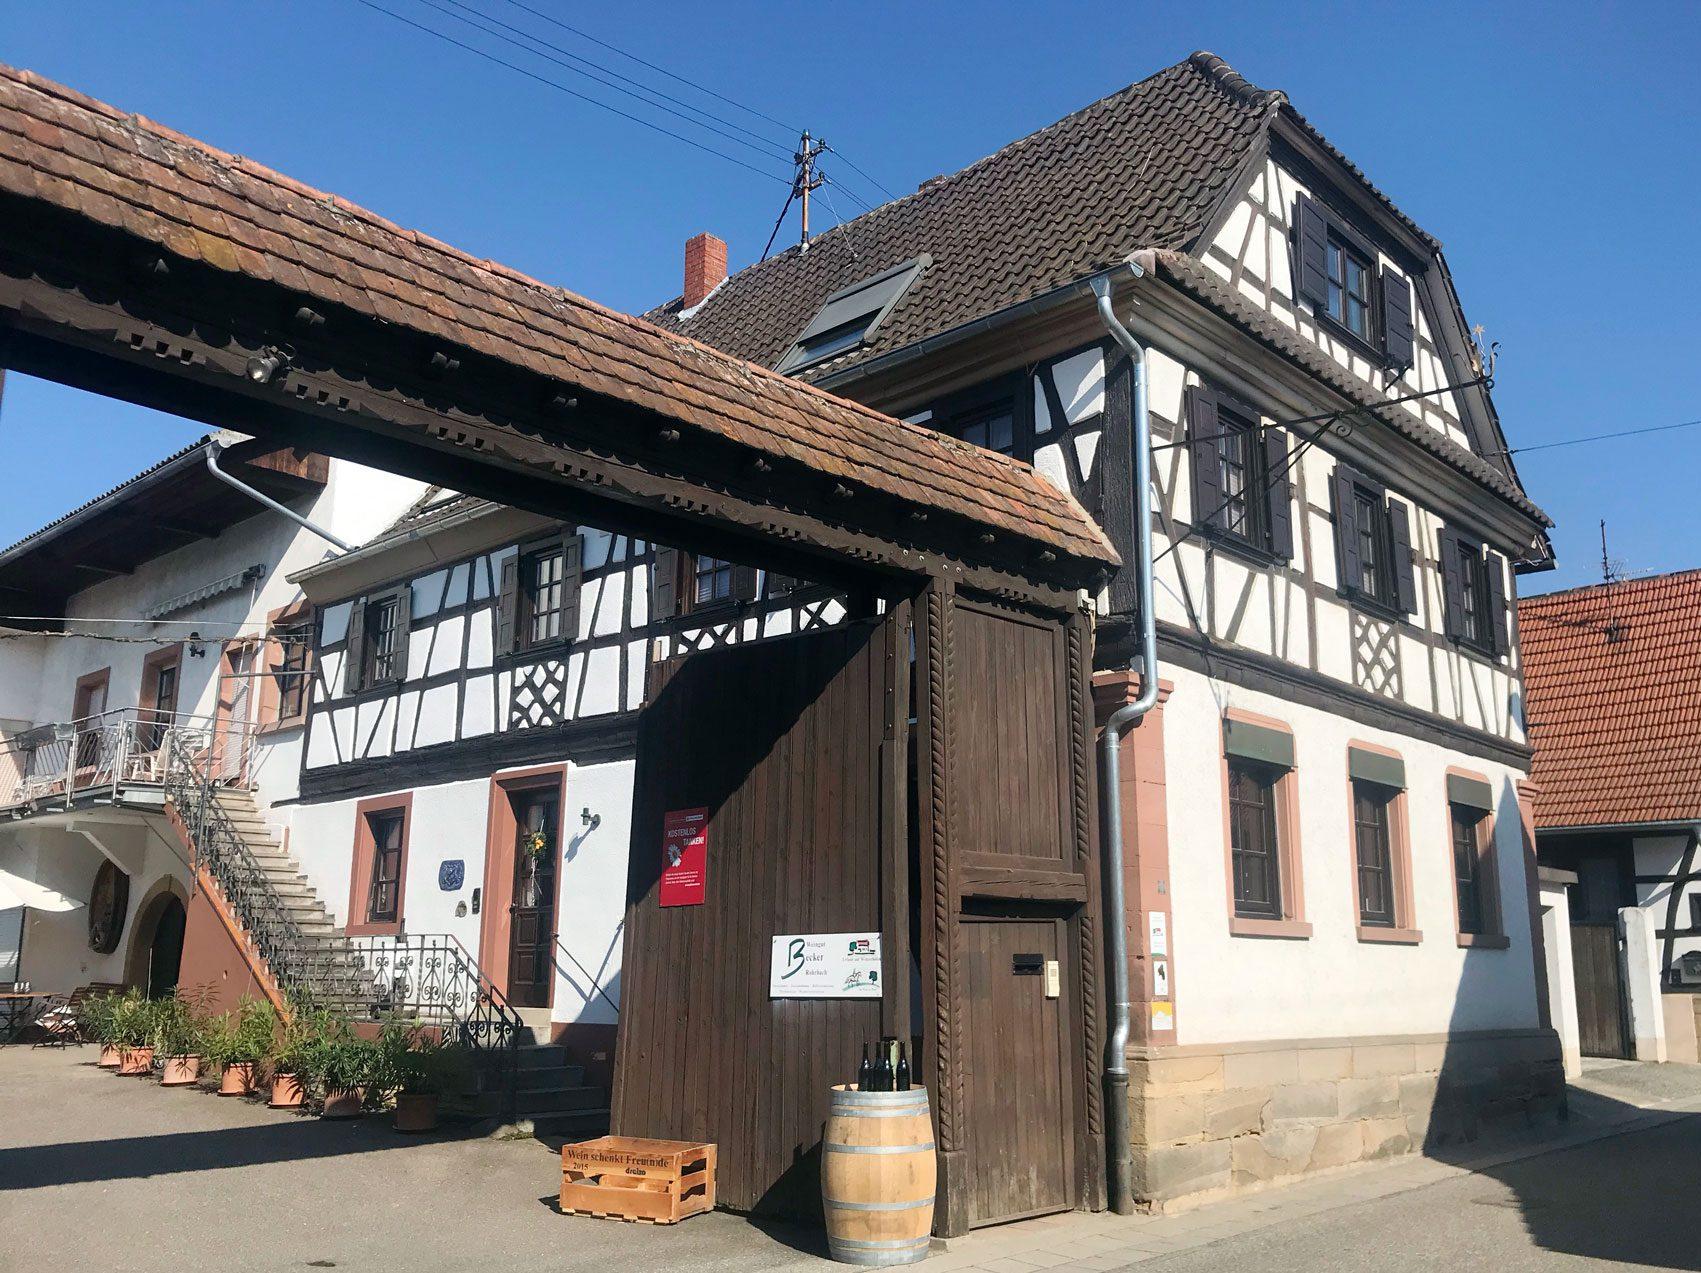 Weingut Becker in Rohrbach